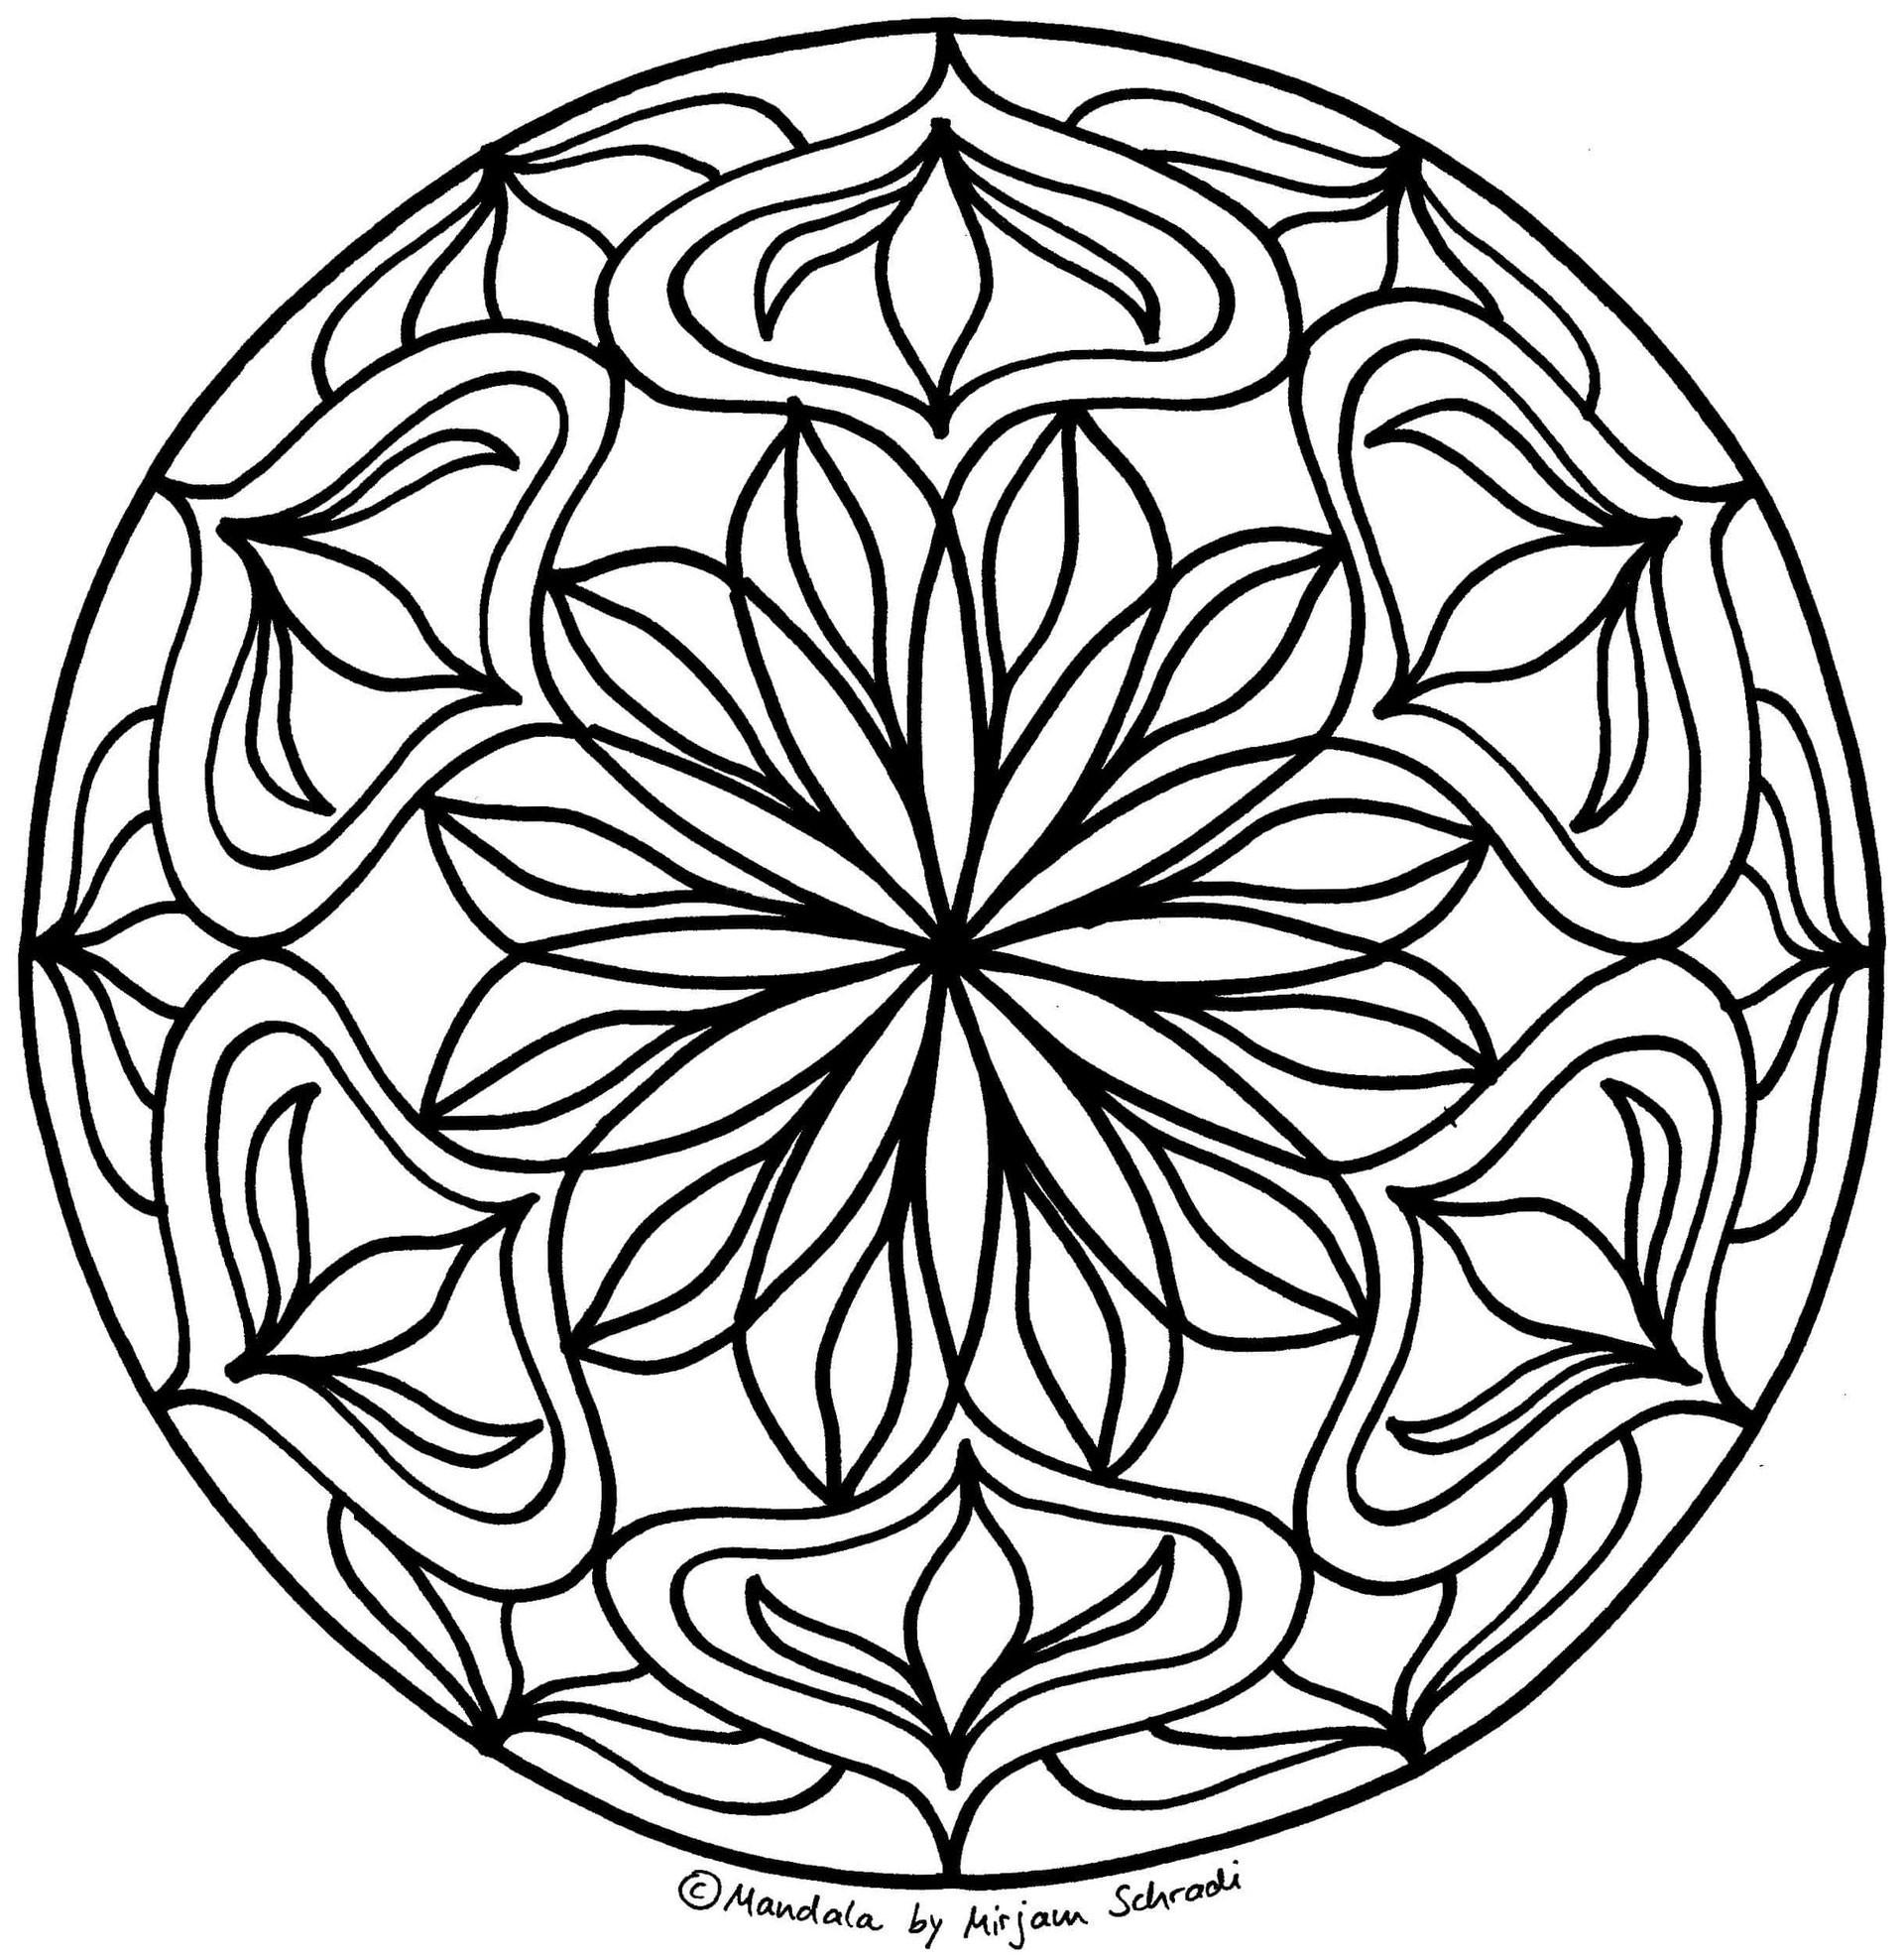 Erdmännchen Zum Ausmalen Einzigartig Mandalas Für Erwachsene Kostenlos Mandalamalspiel Sammlung